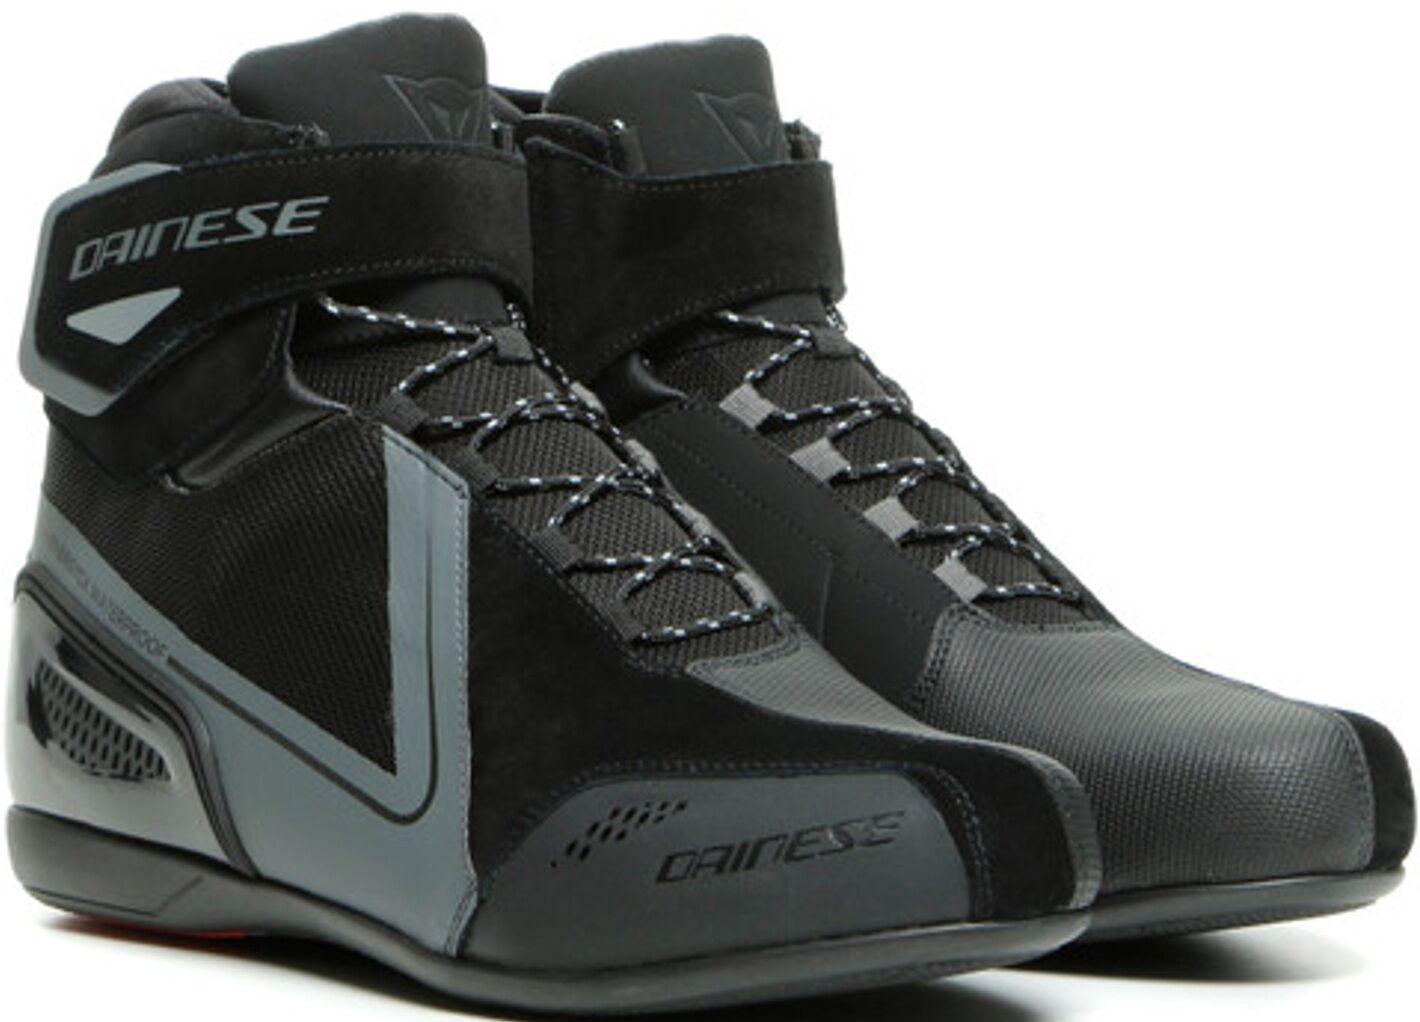 Dainese Energyca D-WP chaussures de moto imperméables à l'eau Noir Gris taille : 43